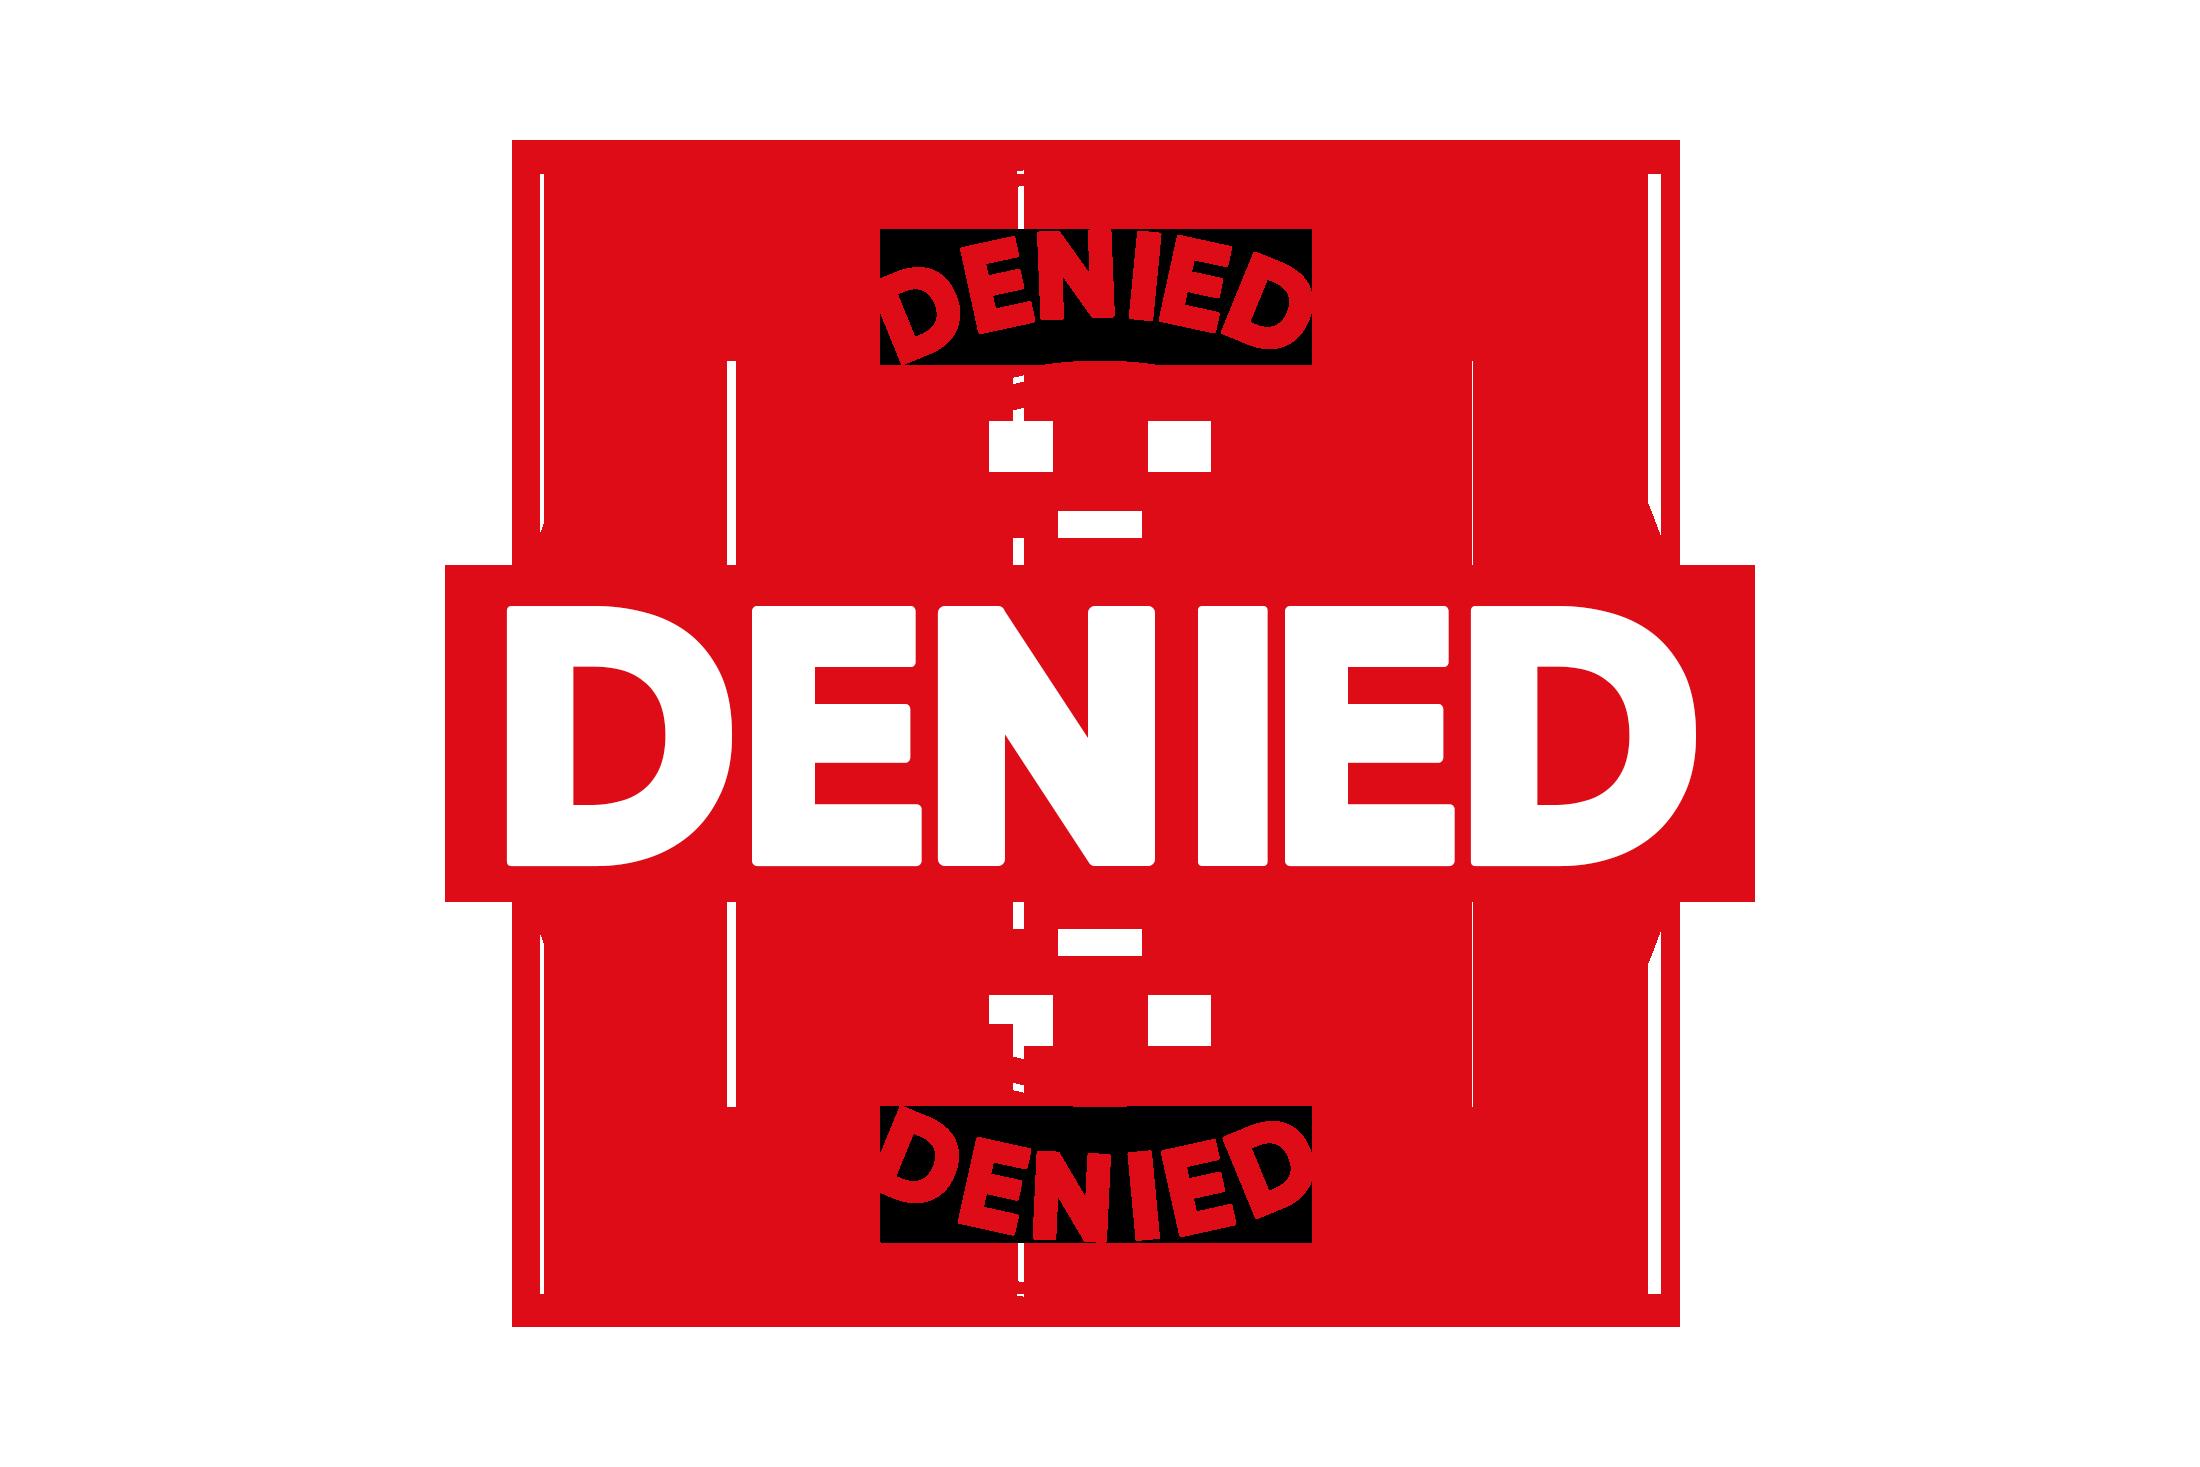 Round denied stamp PSD